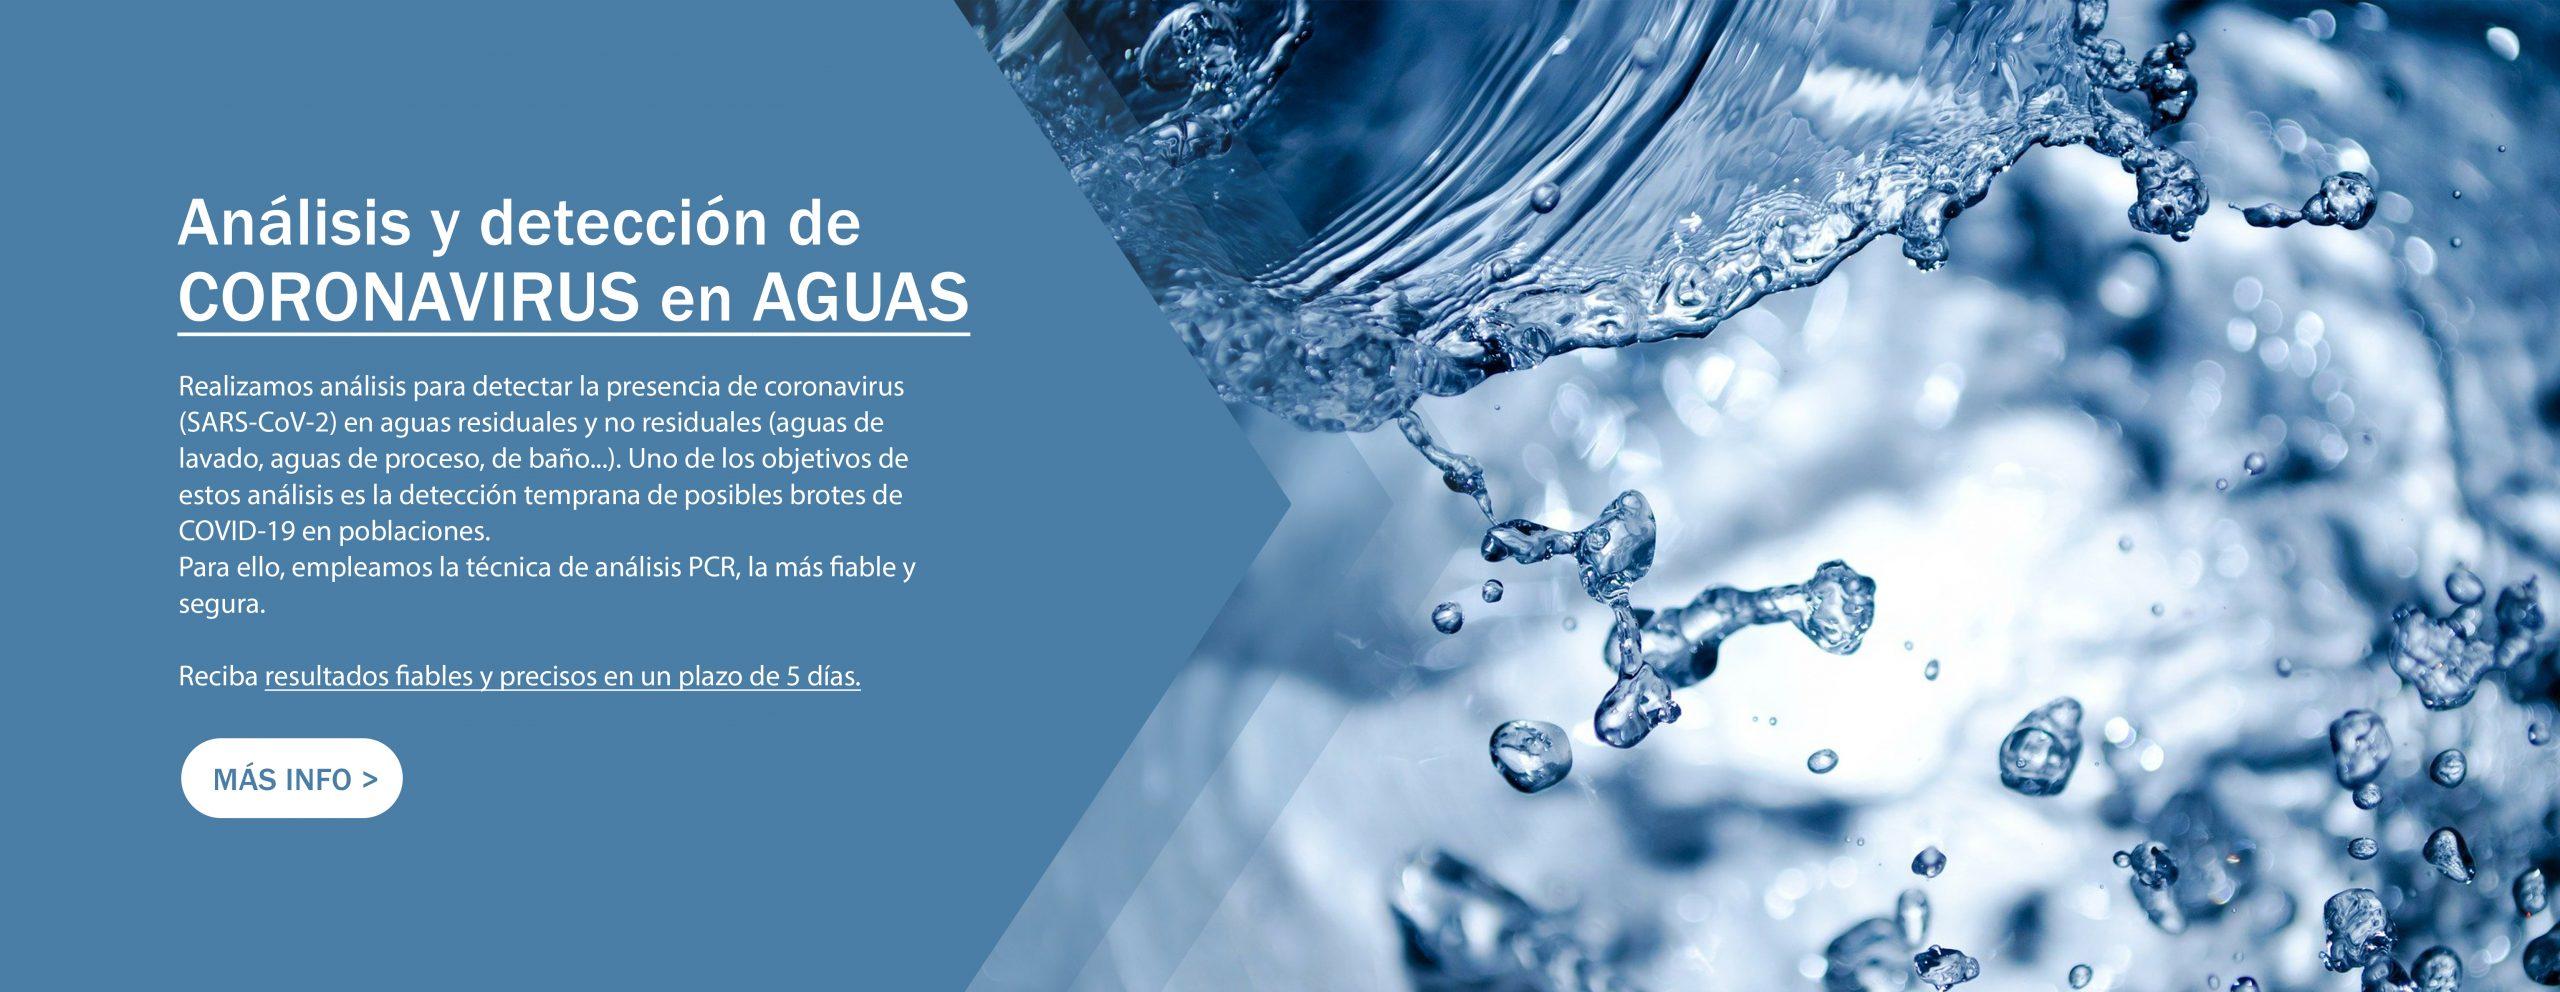 Laboratorio-KUDAM-Análisis-Coronavirus-Aguas